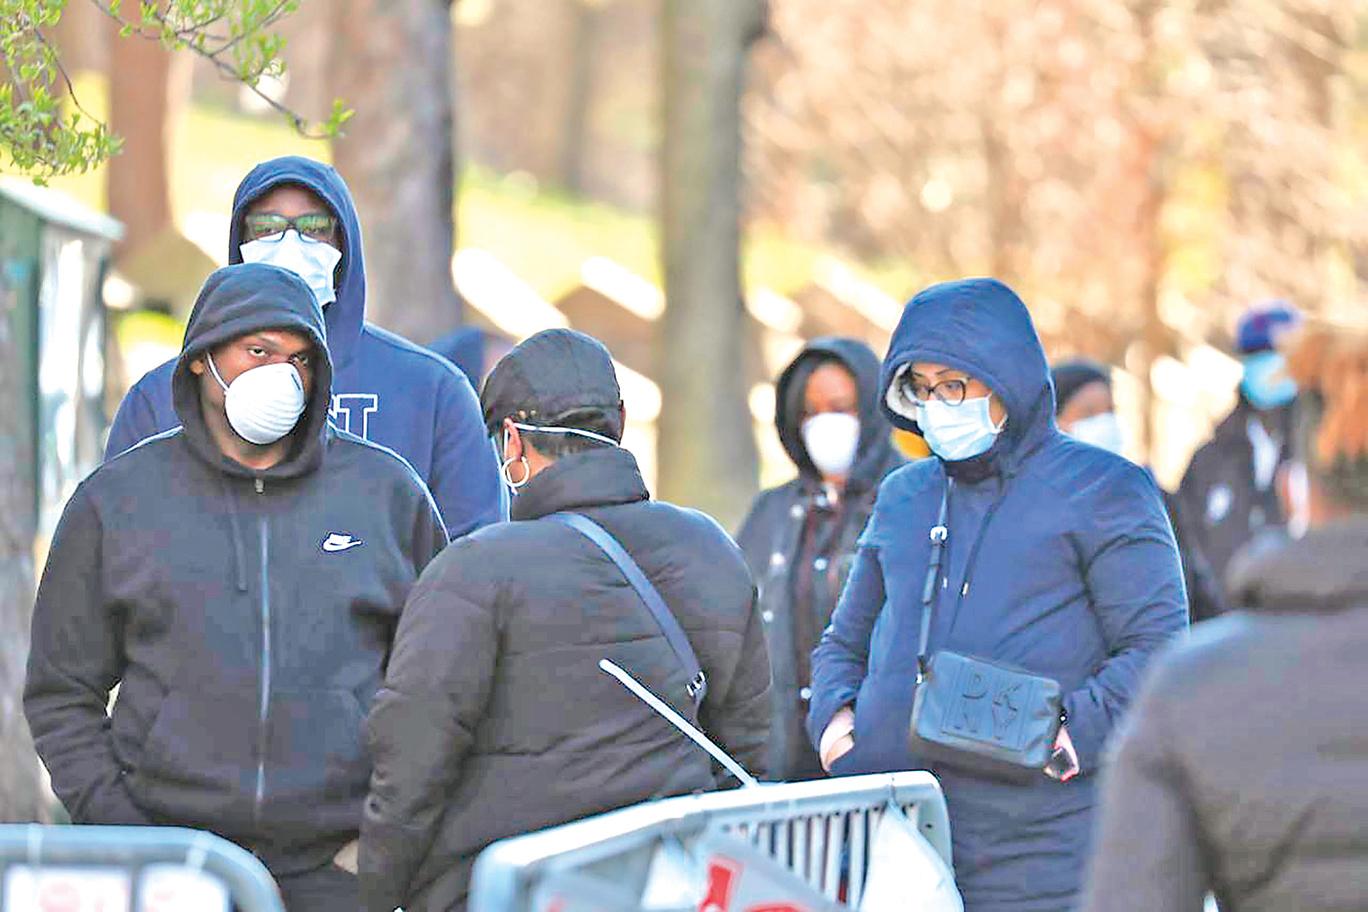 2020年4月1日,在紐約市布魯克林中央醫院外,人們排隊等候接受中共病毒的檢測。(Spencer Platt/Getty Images)